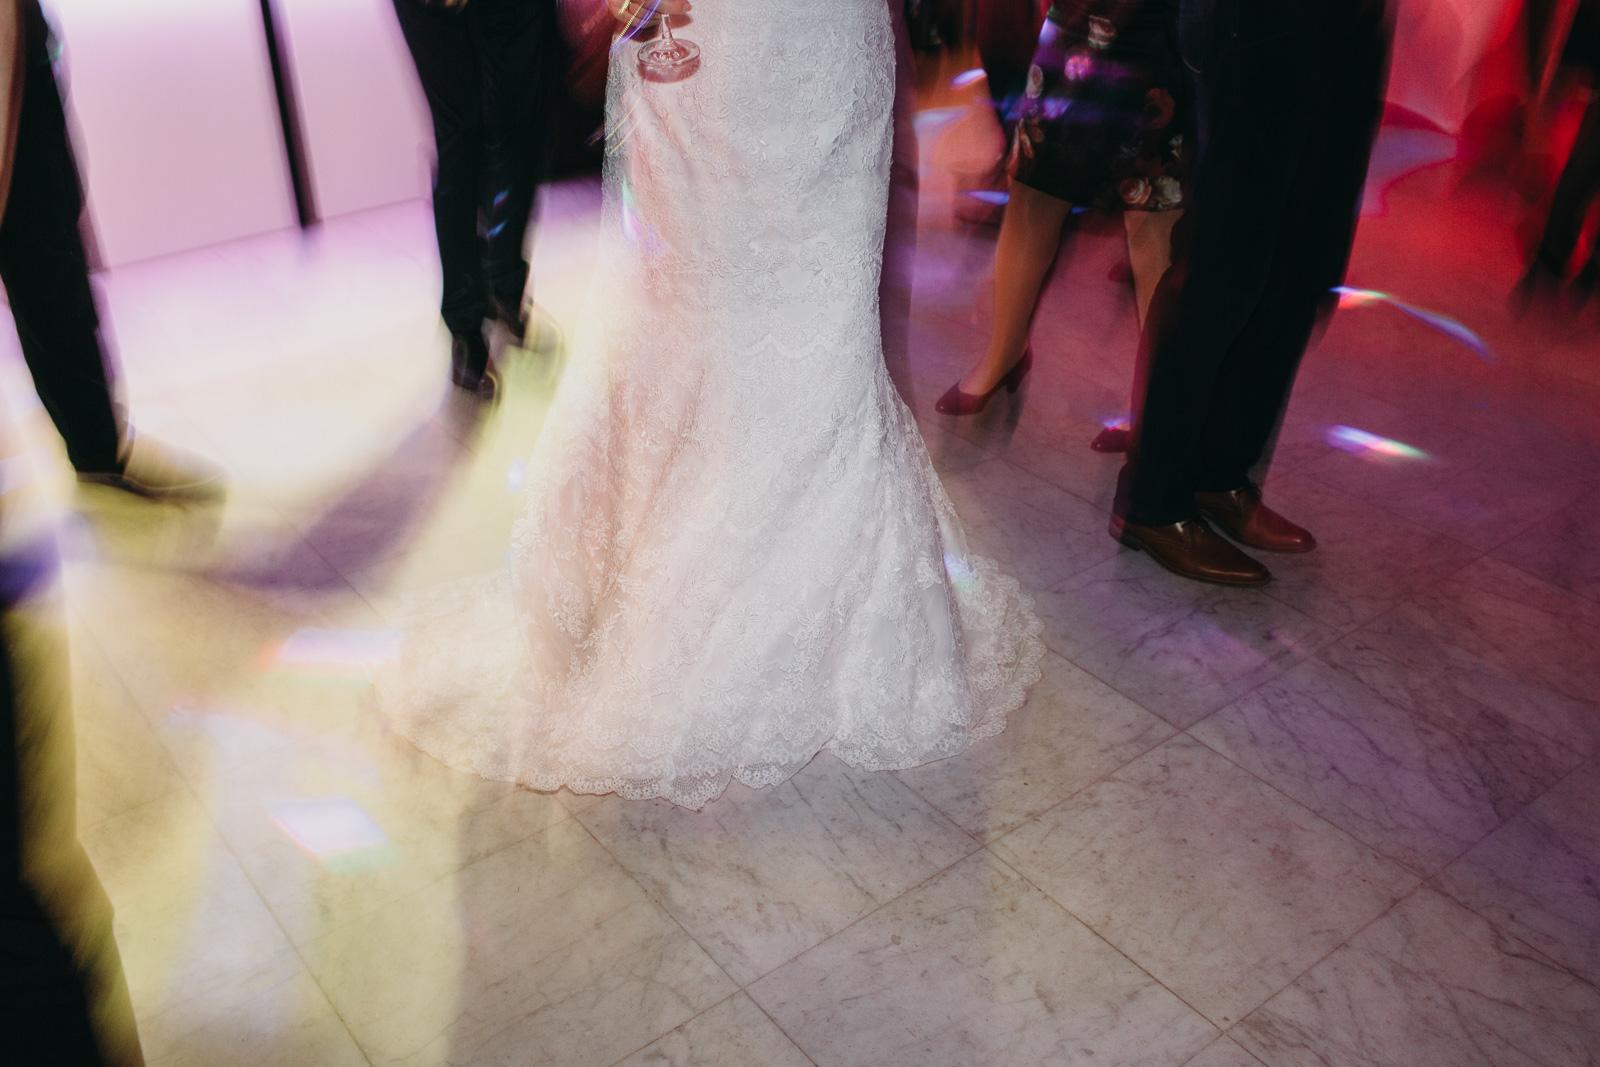 Evabloem_wedding_martine-en-jurriaan-34.jpg